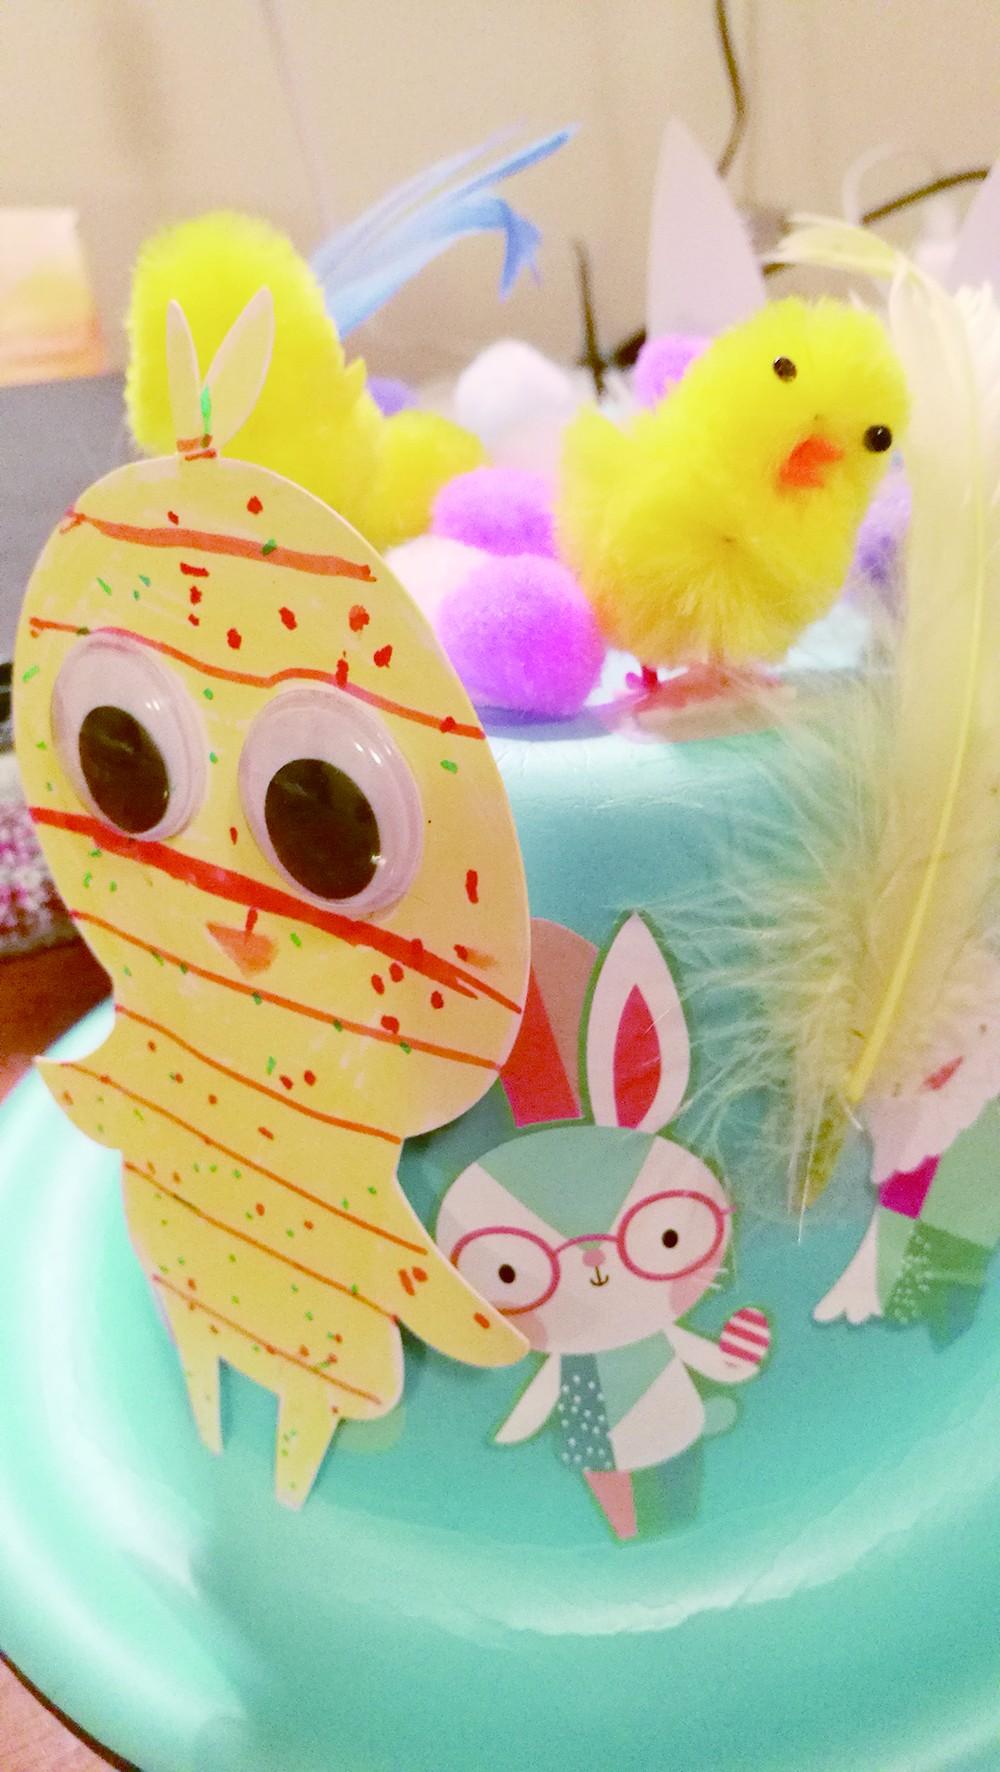 绥德县湖北光大新型环保装修材料有限公司悉尼小学帽子游行庆祝复活节